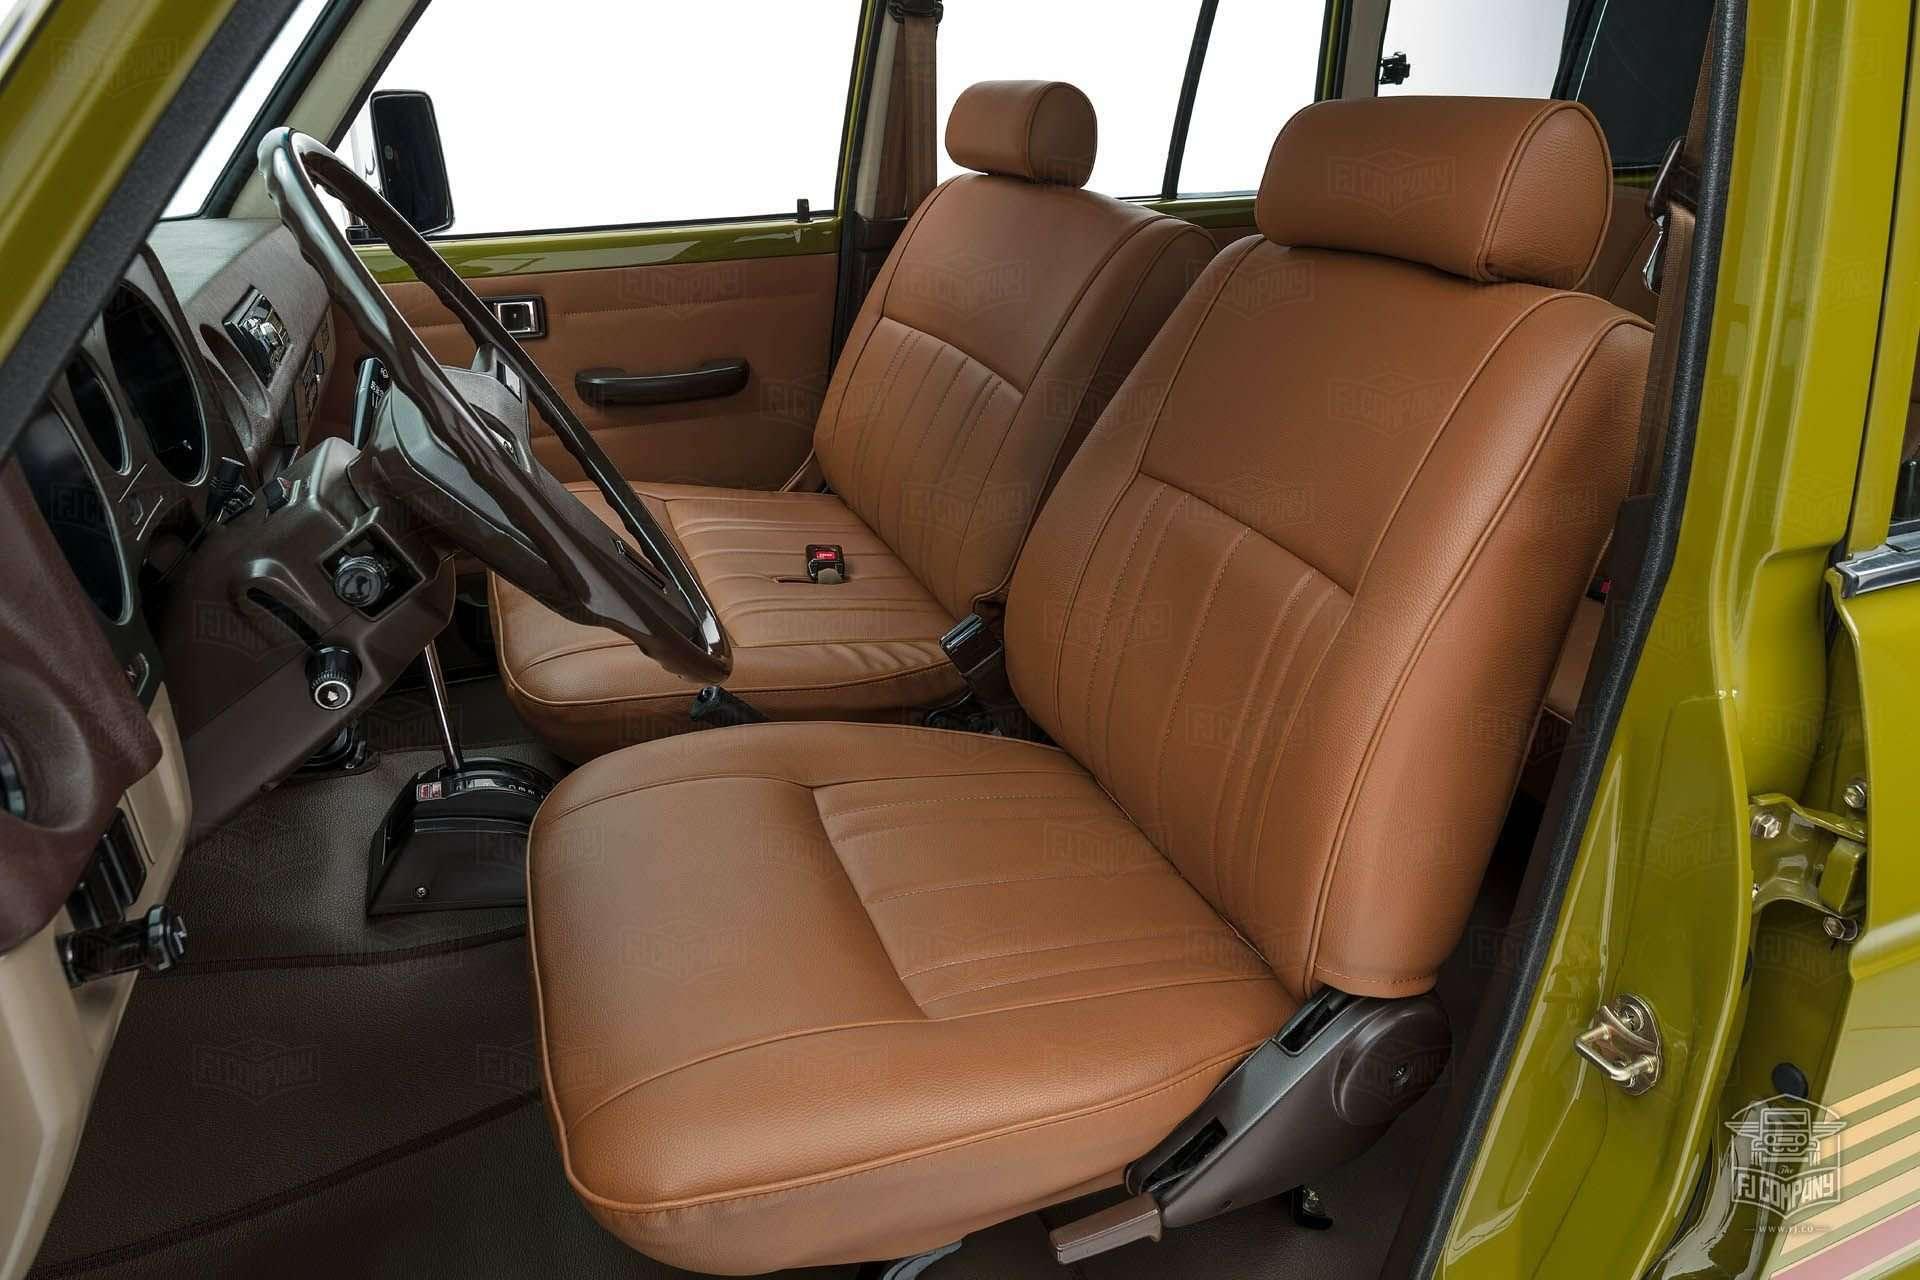 Абсолютно новый Toyota Land Cruiser 1986 года. Да, такое бывает!— фото 877233